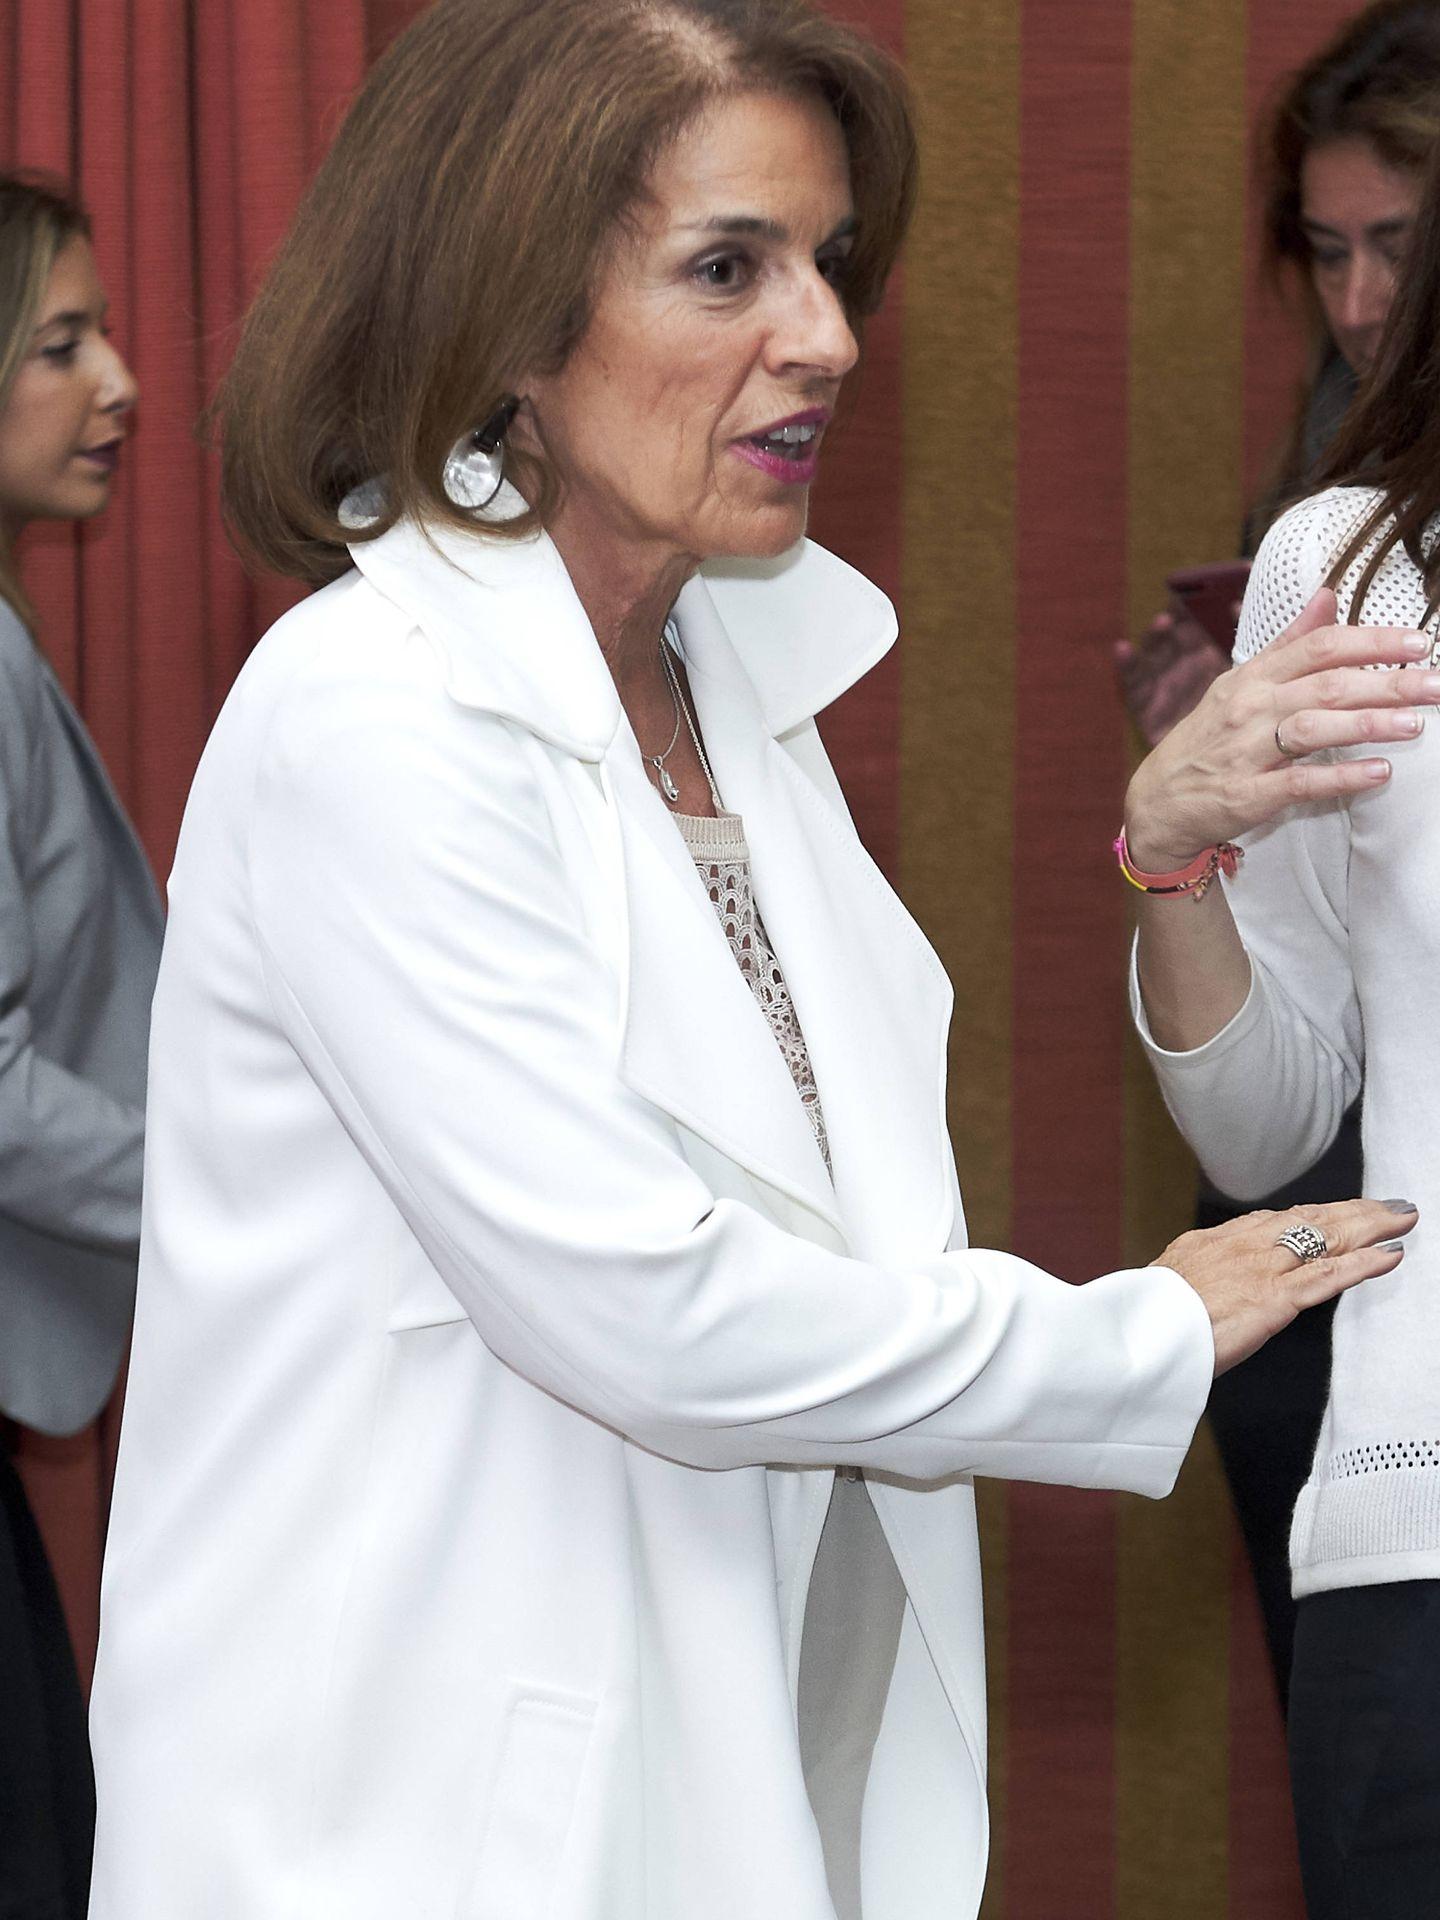 Ana, en una imagen antes del retoque. (Getty)